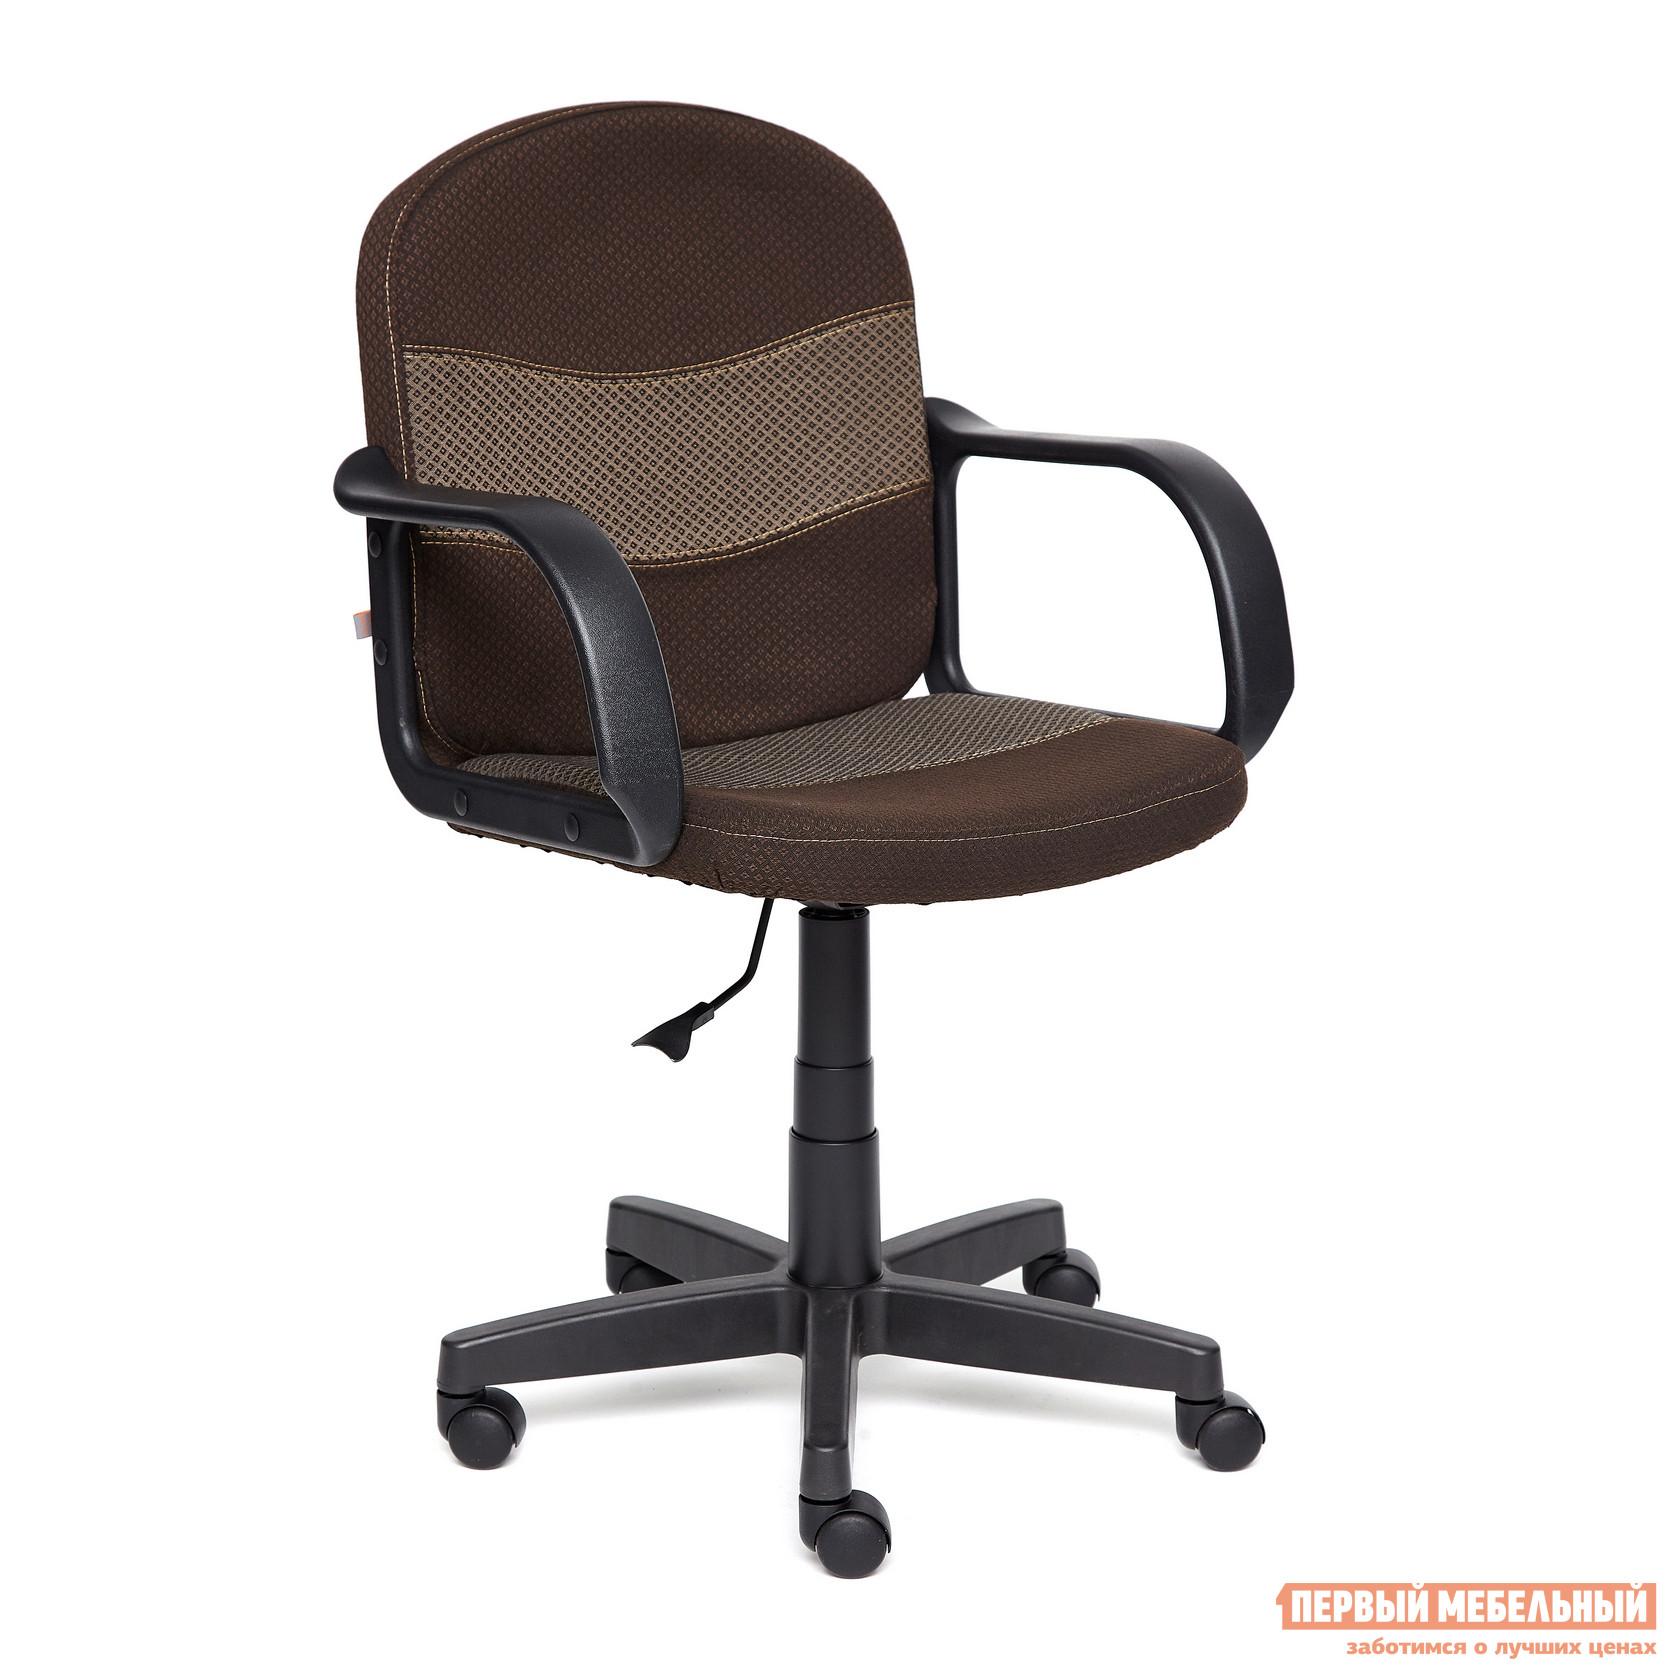 Офисное кресло  BAGGI Ткань коричневая / бежевая Tetchair 19255